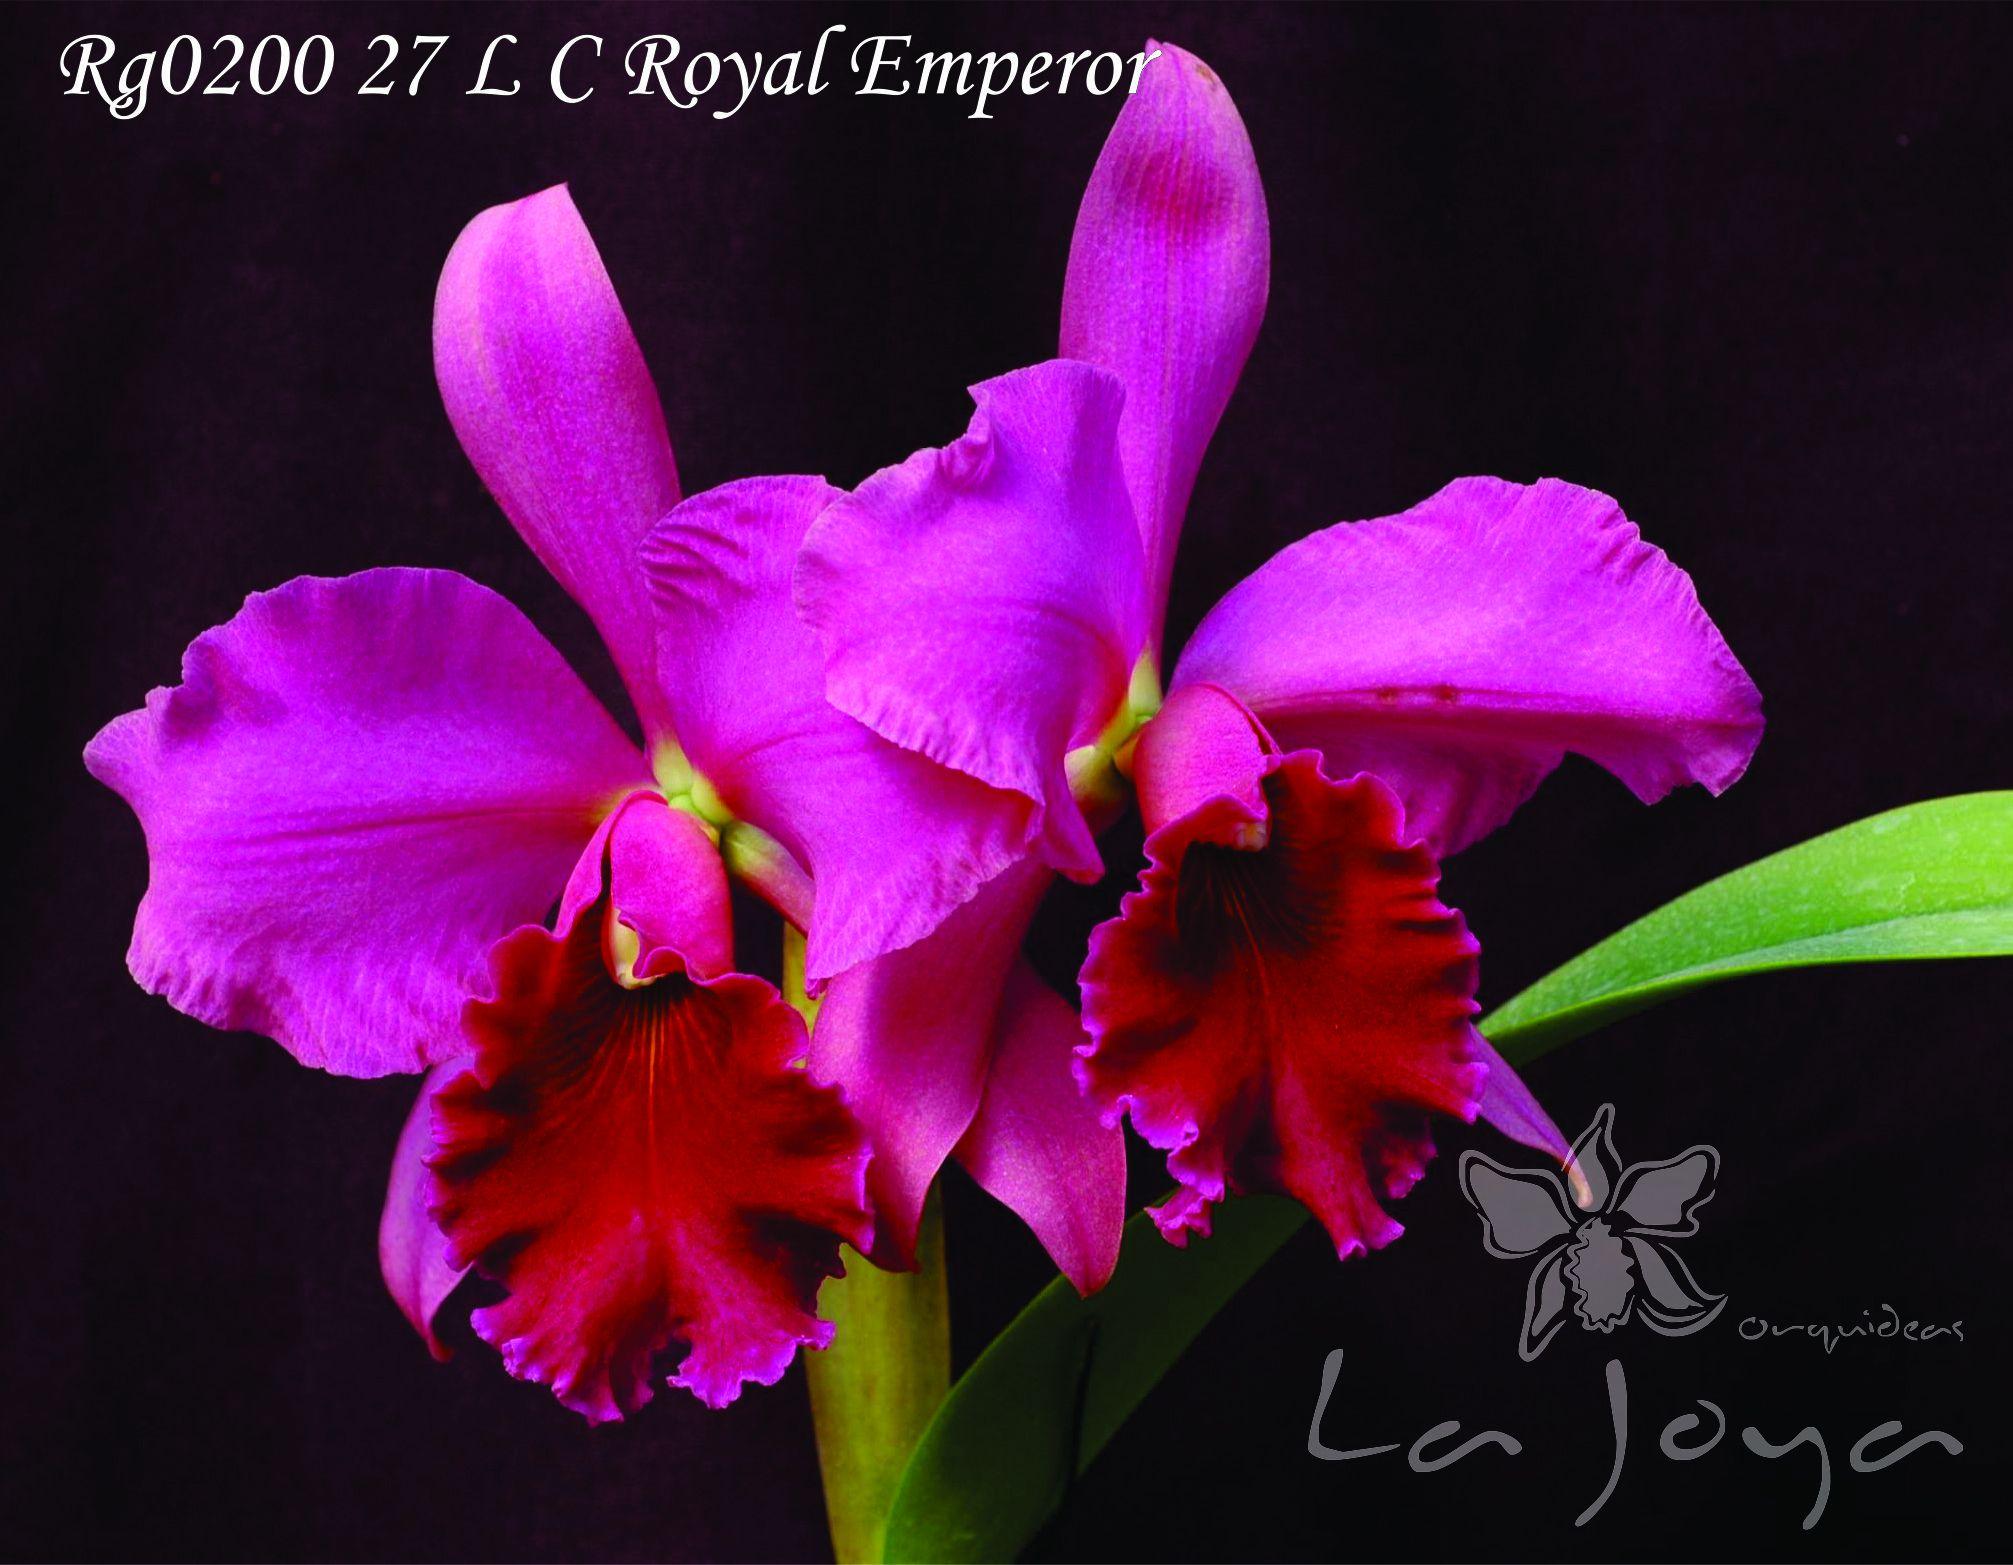 RG020027 Lc. Royal Emperor